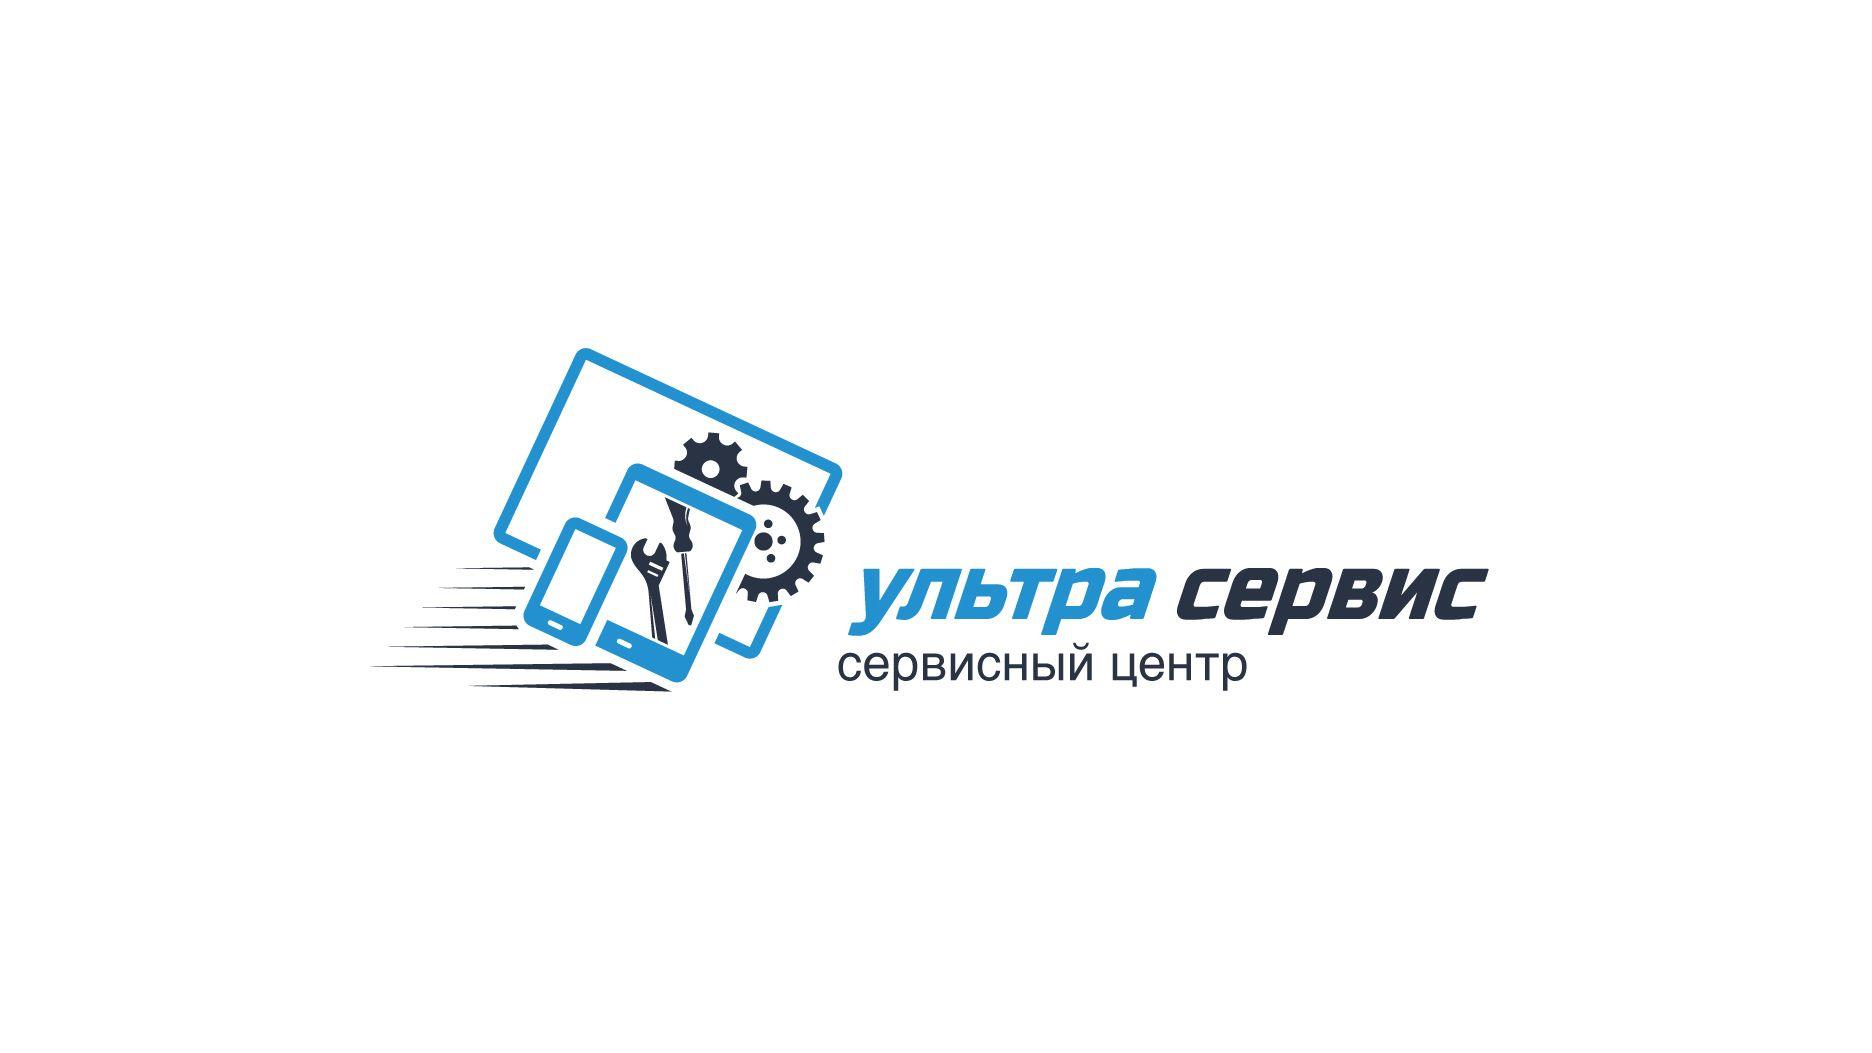 Логотип и фирменный стиль сервисного центра - дизайнер vadimsoloviev